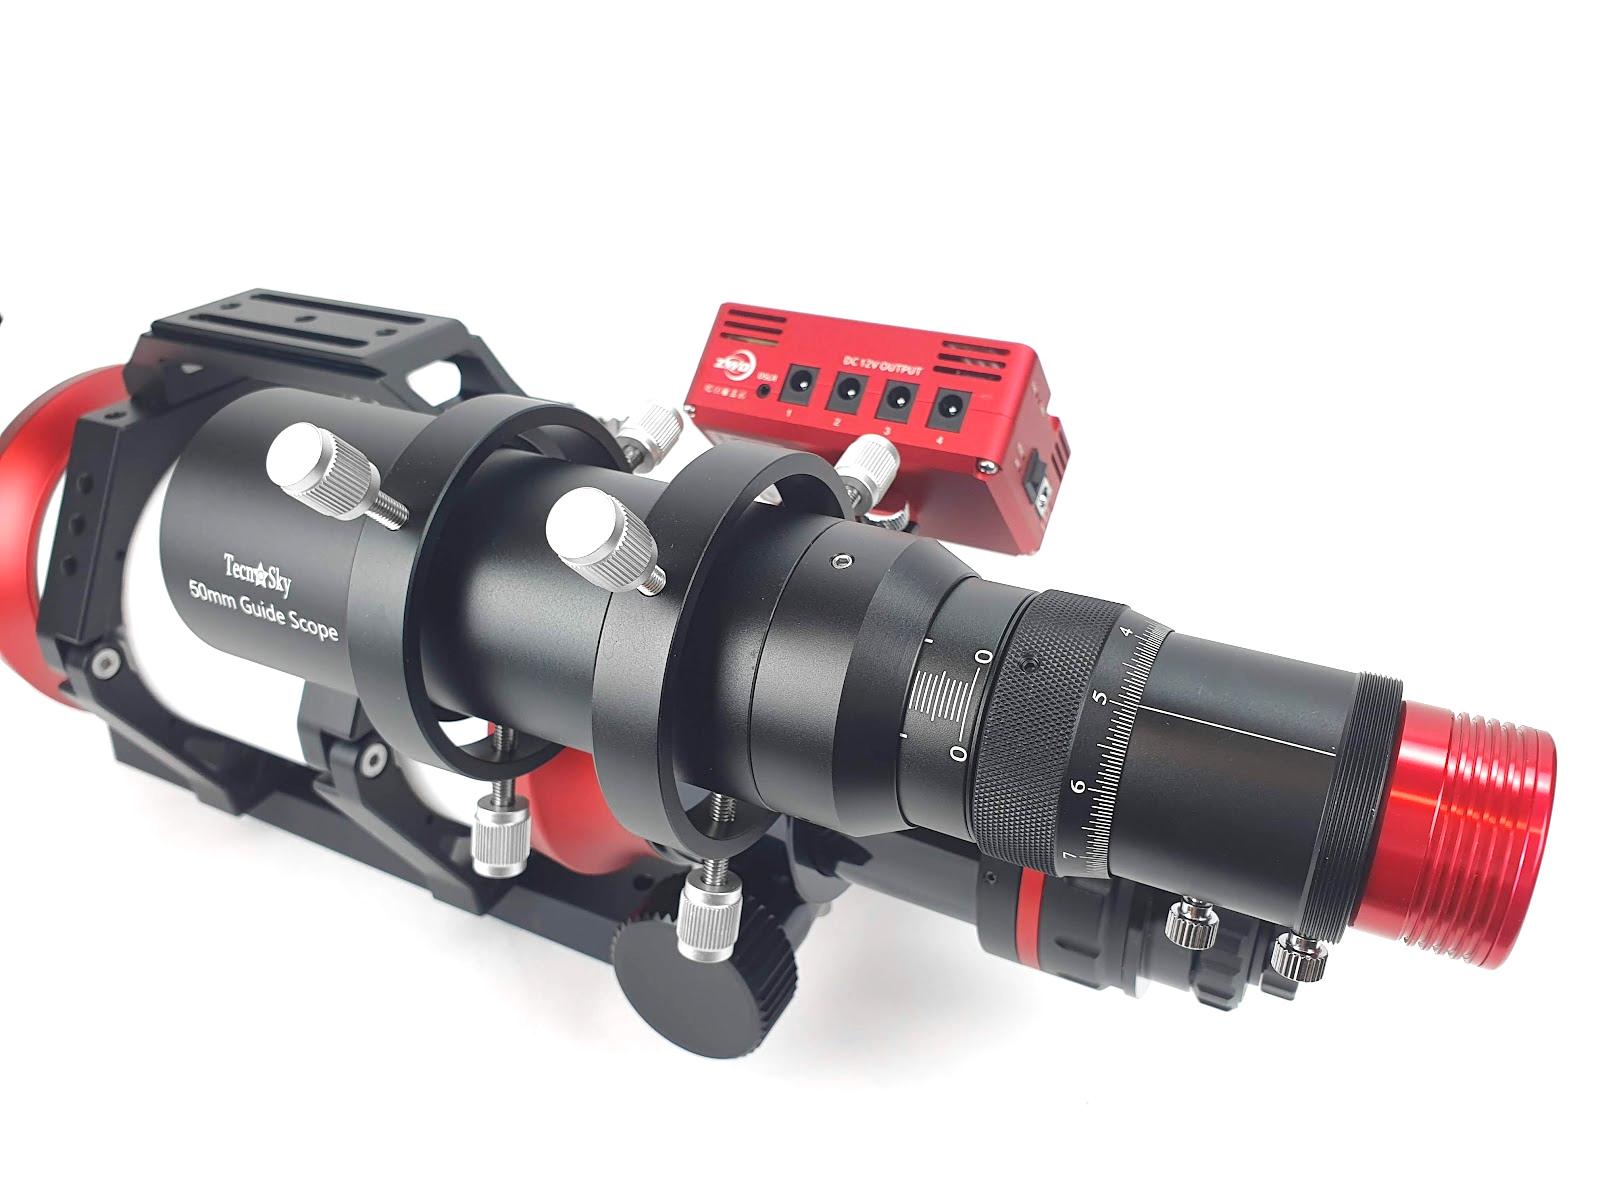 Tripletto Apo Tecnosky 90/560mm OWL con dotazione astrofotografica completa - SCONTIAMO L'IVA !!